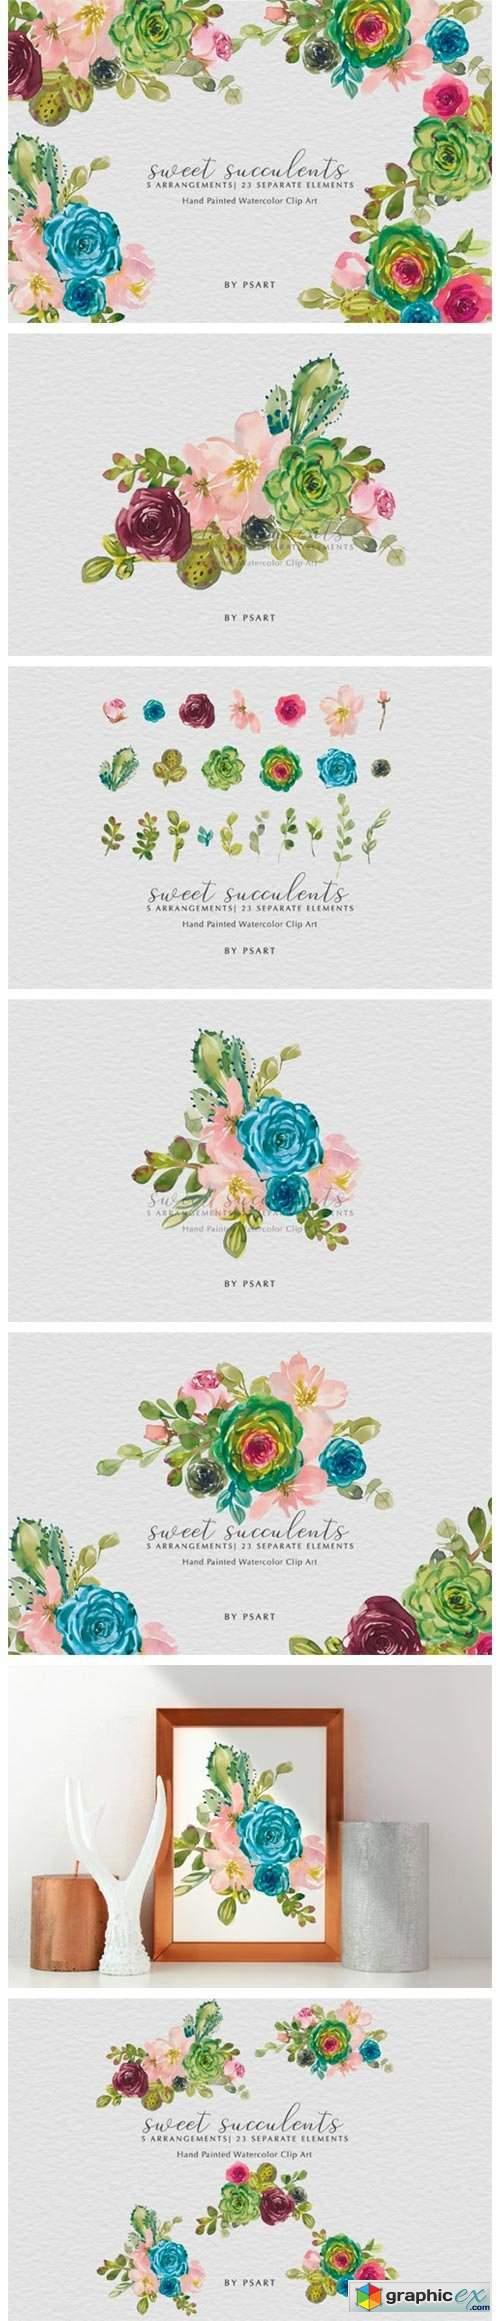 Watercolor Succulents & Florals Clip Art